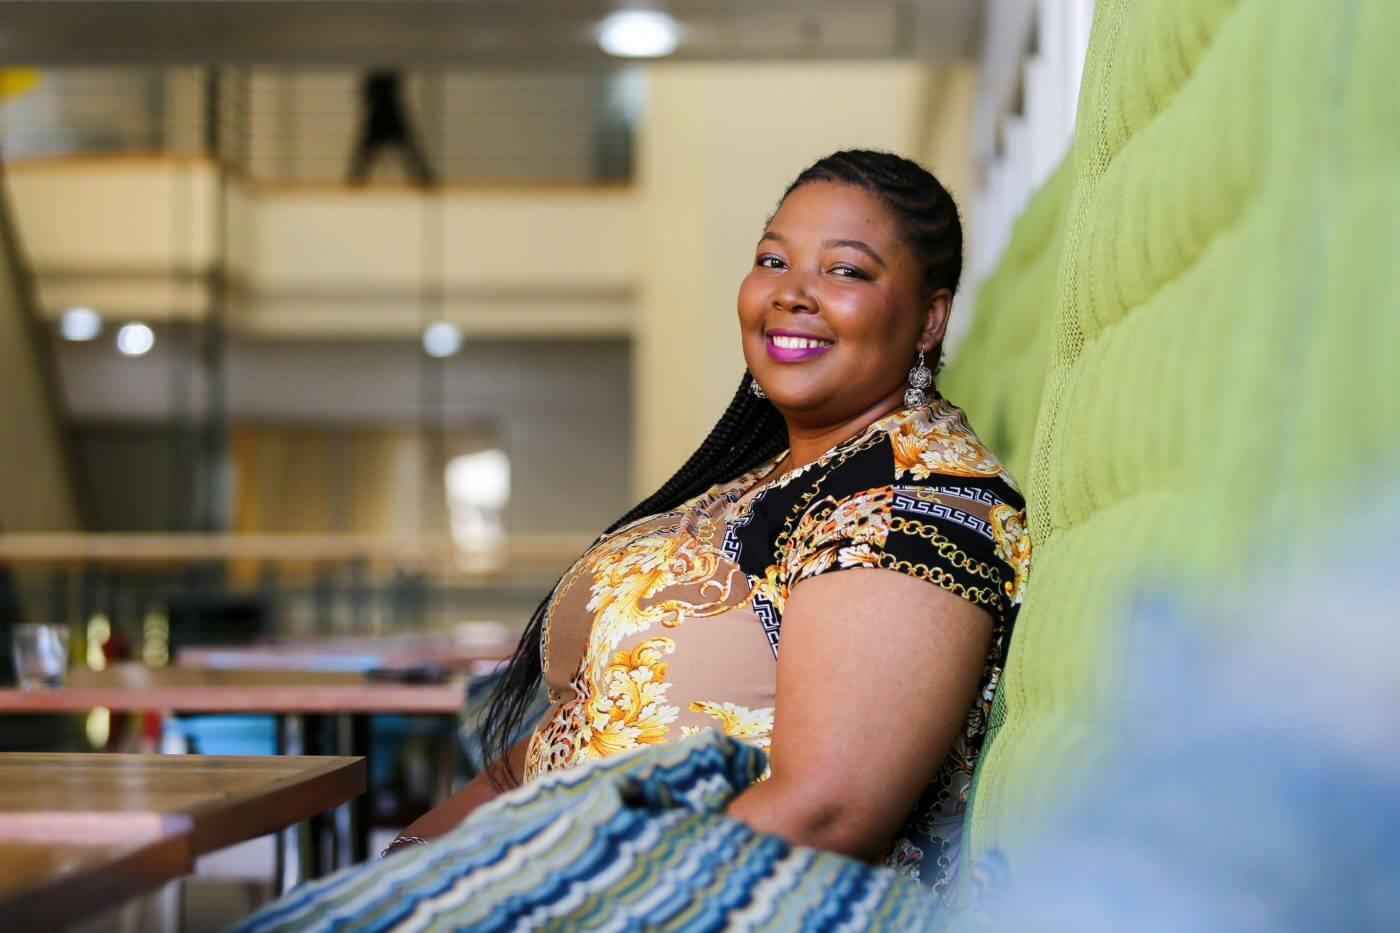 Dr Tlaleng Mofokeng. Fot. sheleadsafrica.org